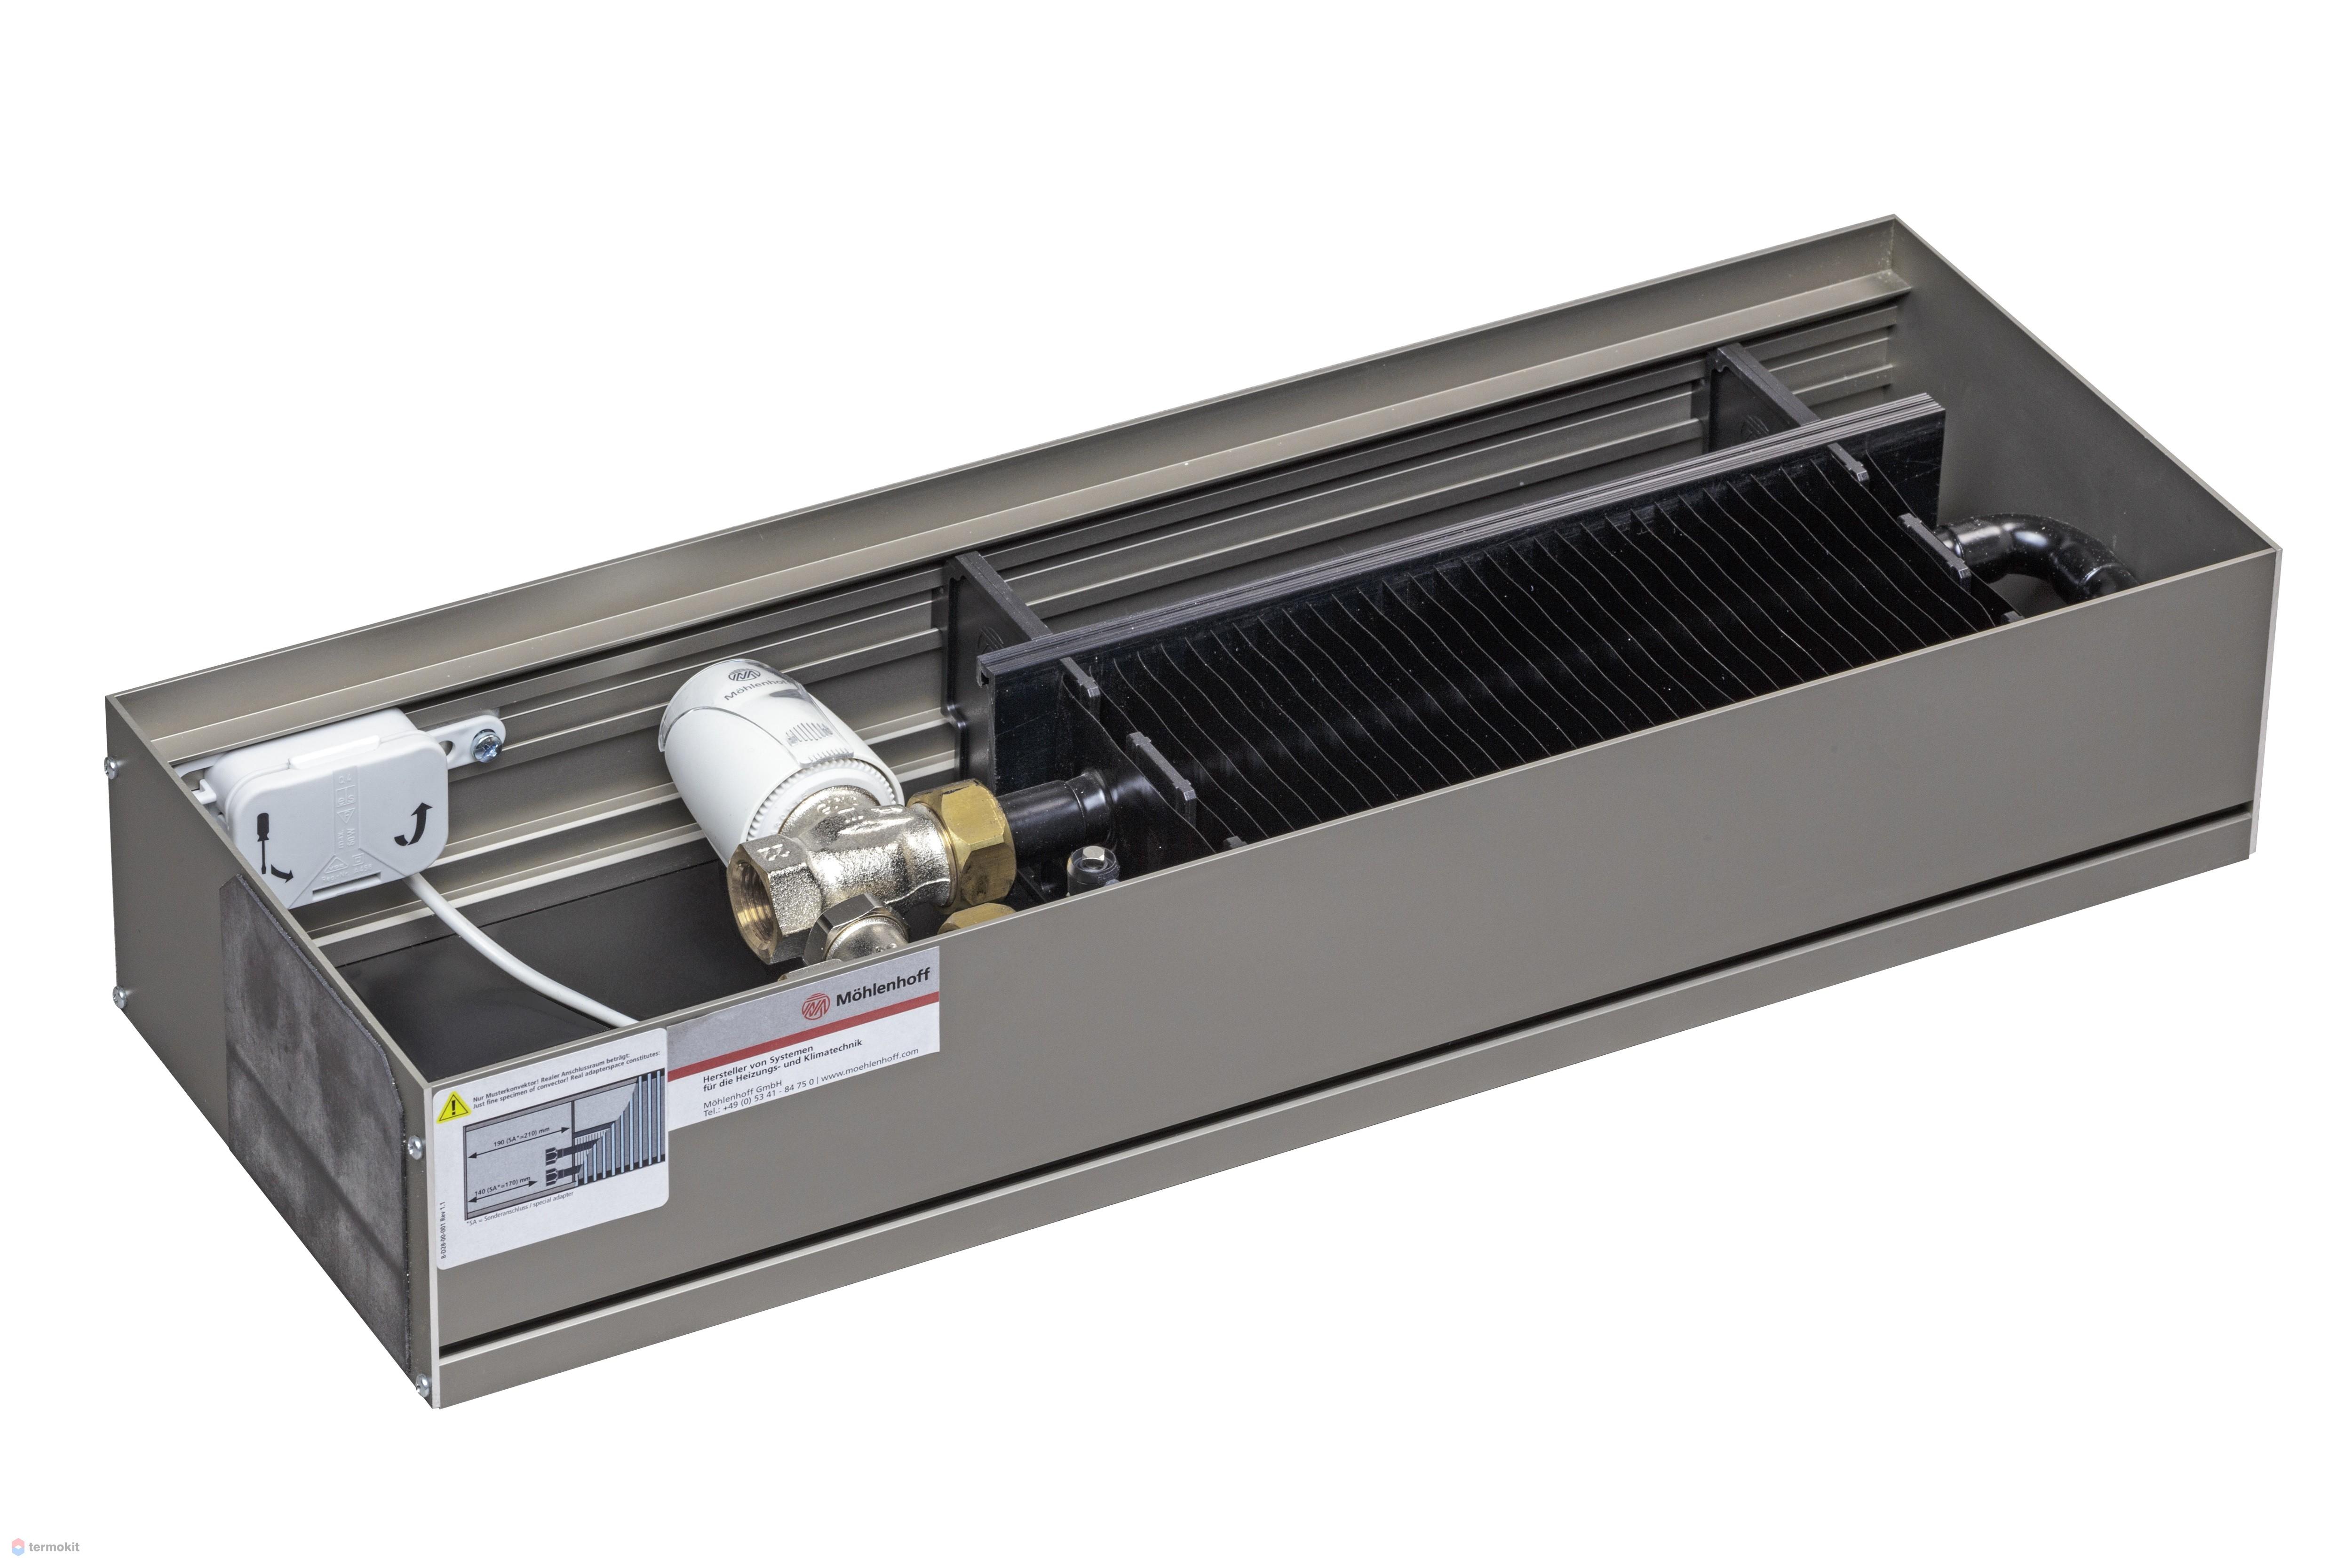 Конвектор mohlenhoff - лучшее отопление